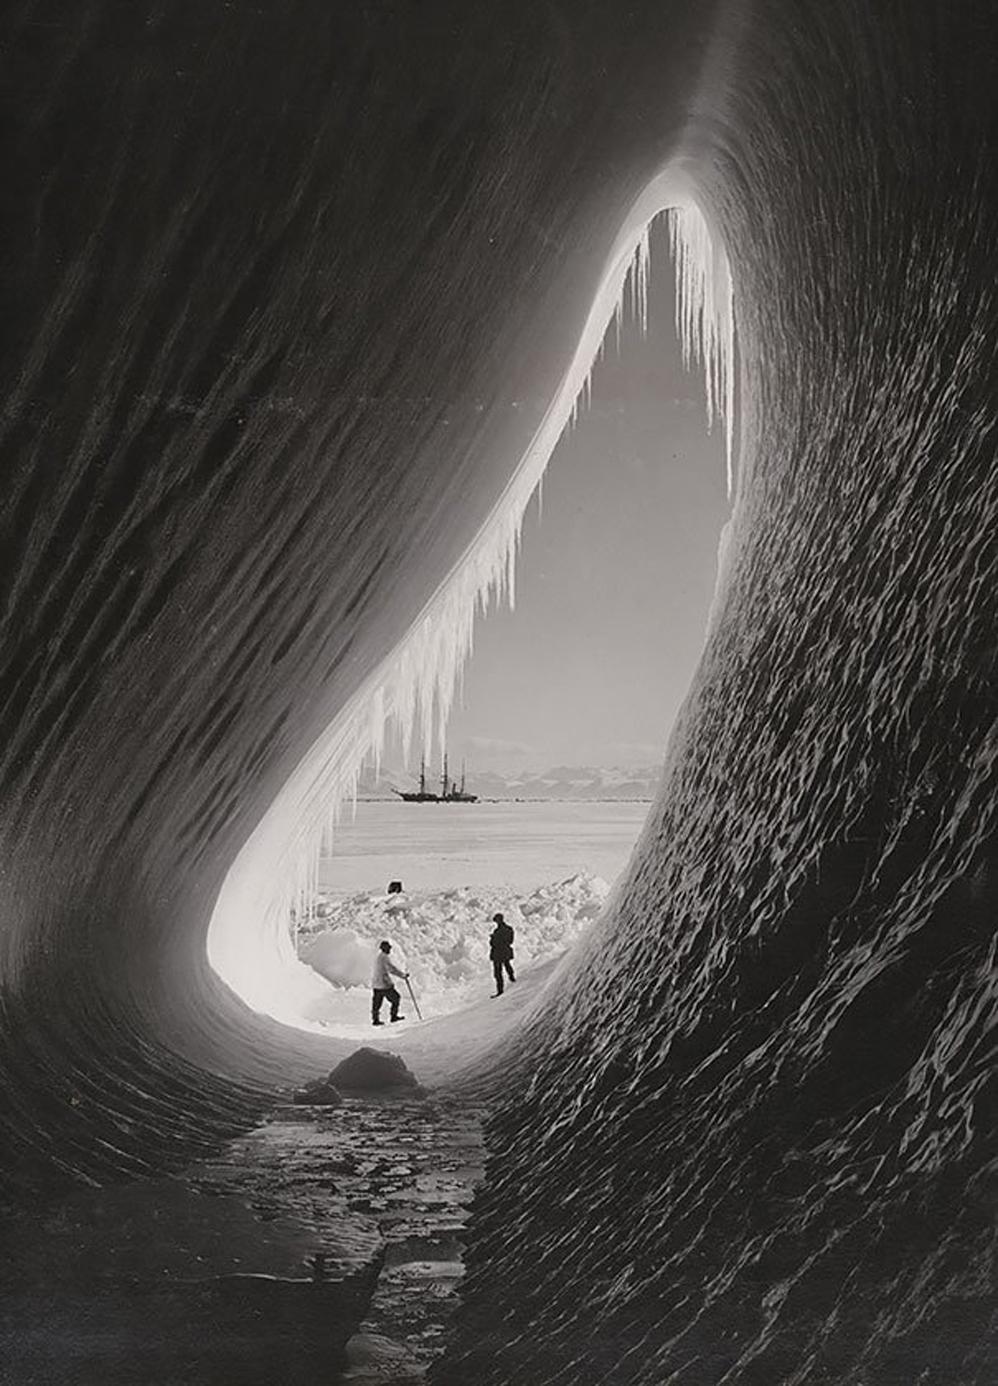 Gruta en un iceberg: fotografiado durante la Expedición Antártica Británica, 05 de enero, 1911